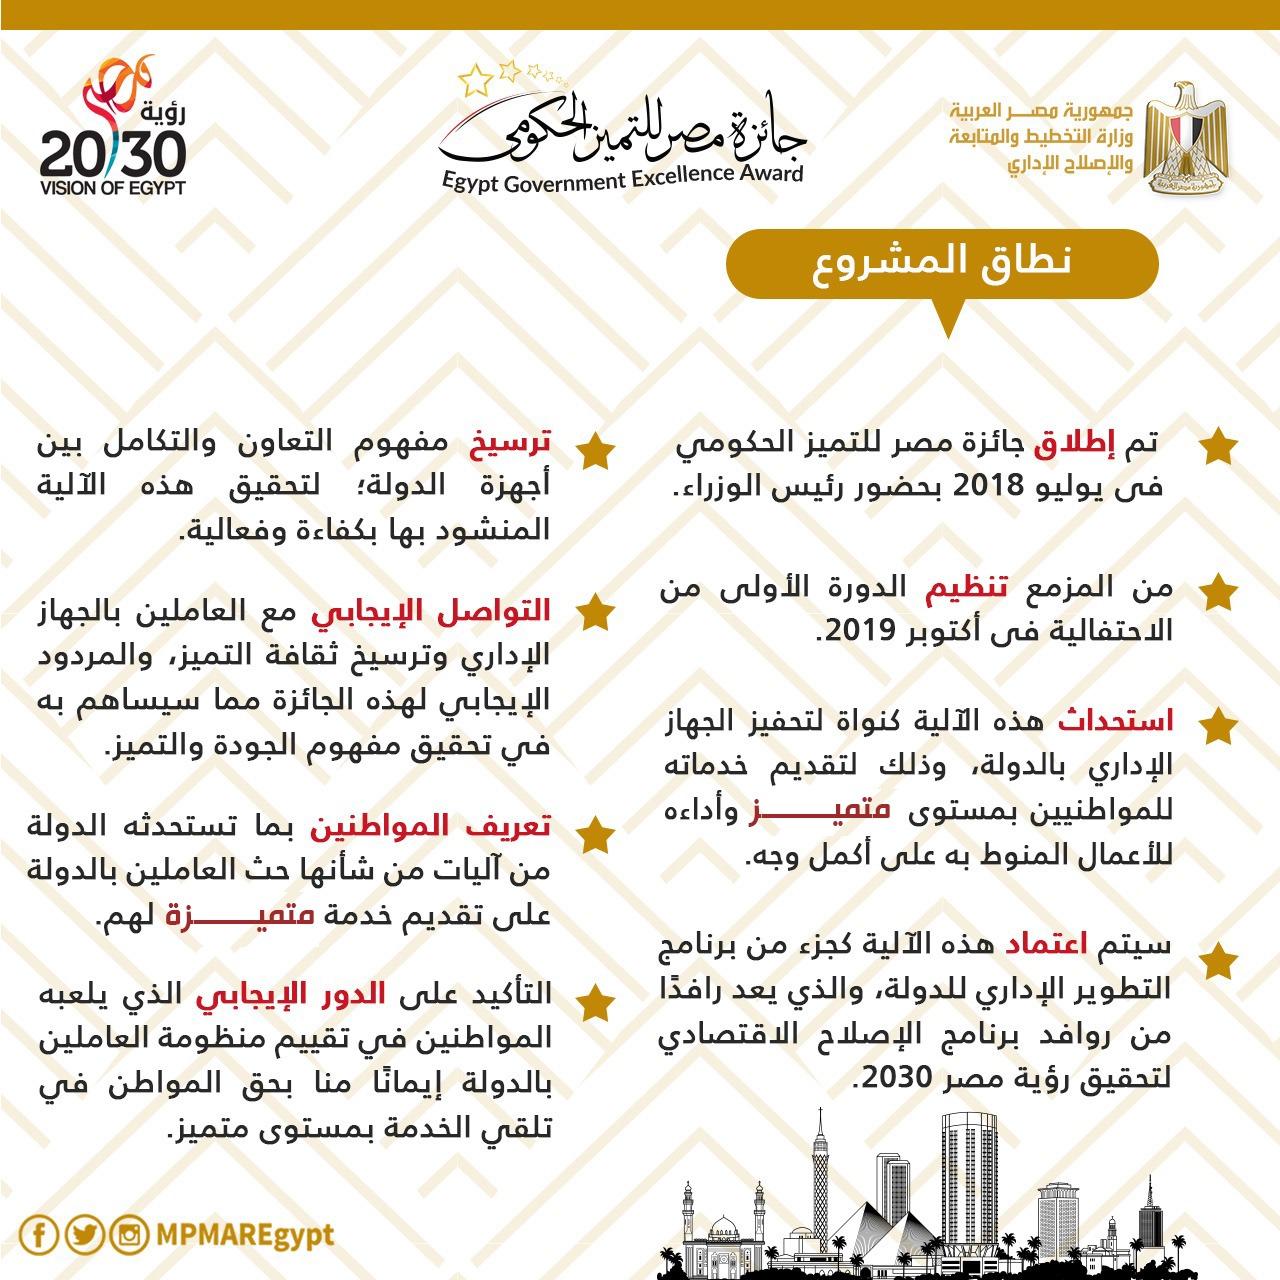 جائزة مصر للتميز الحكومى